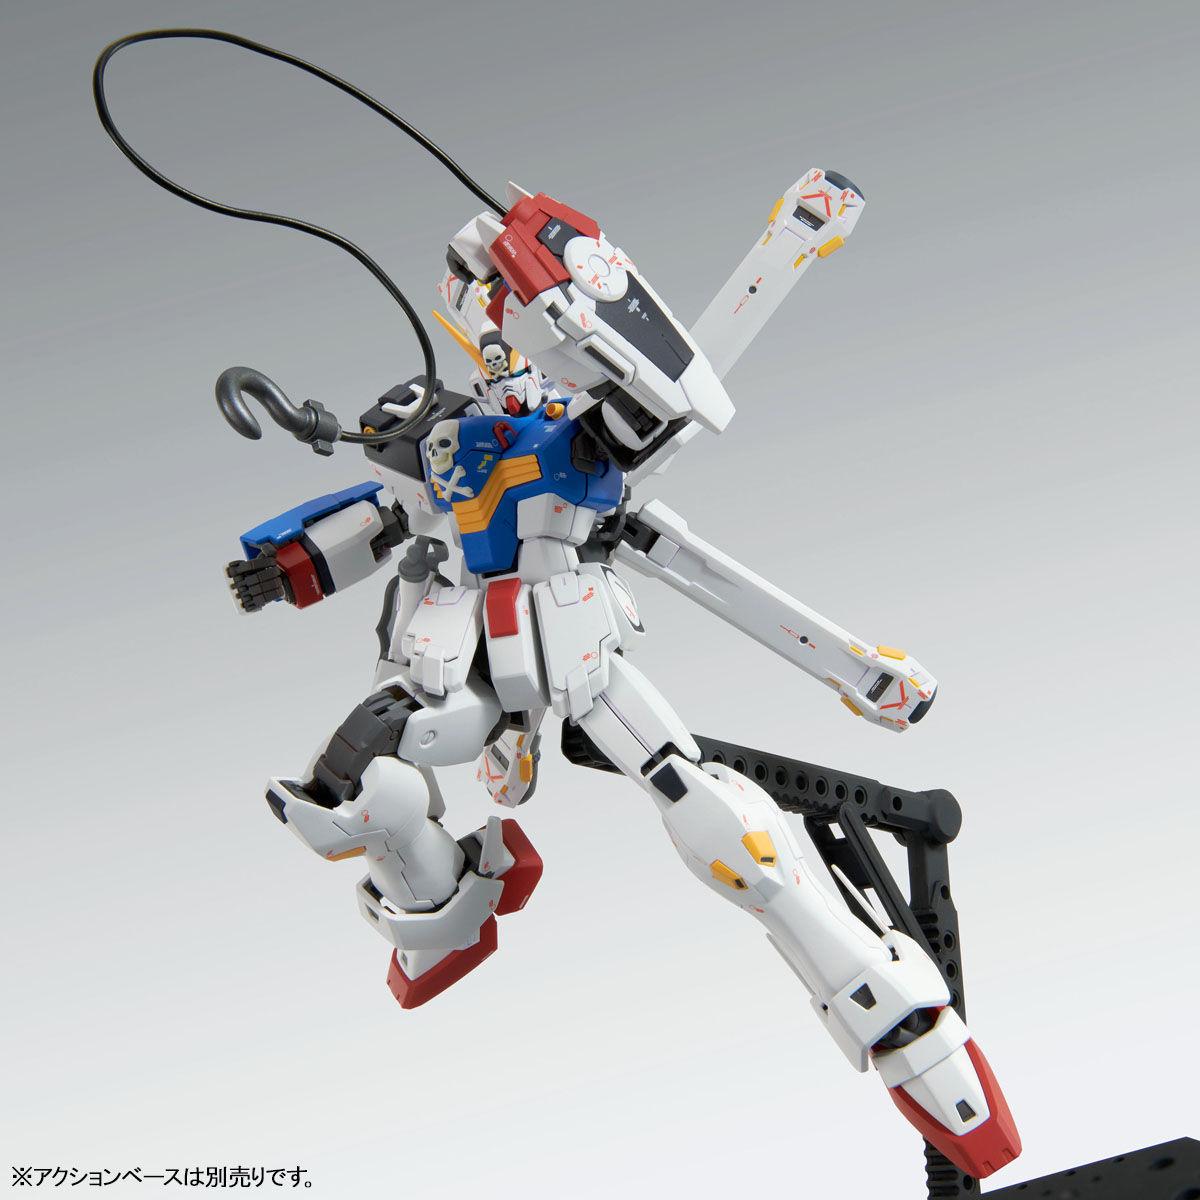 【限定販売】MG 1/100『クロスボーン・ガンダムX1(パッチワーク)Ver.Ka』プラモデル-003